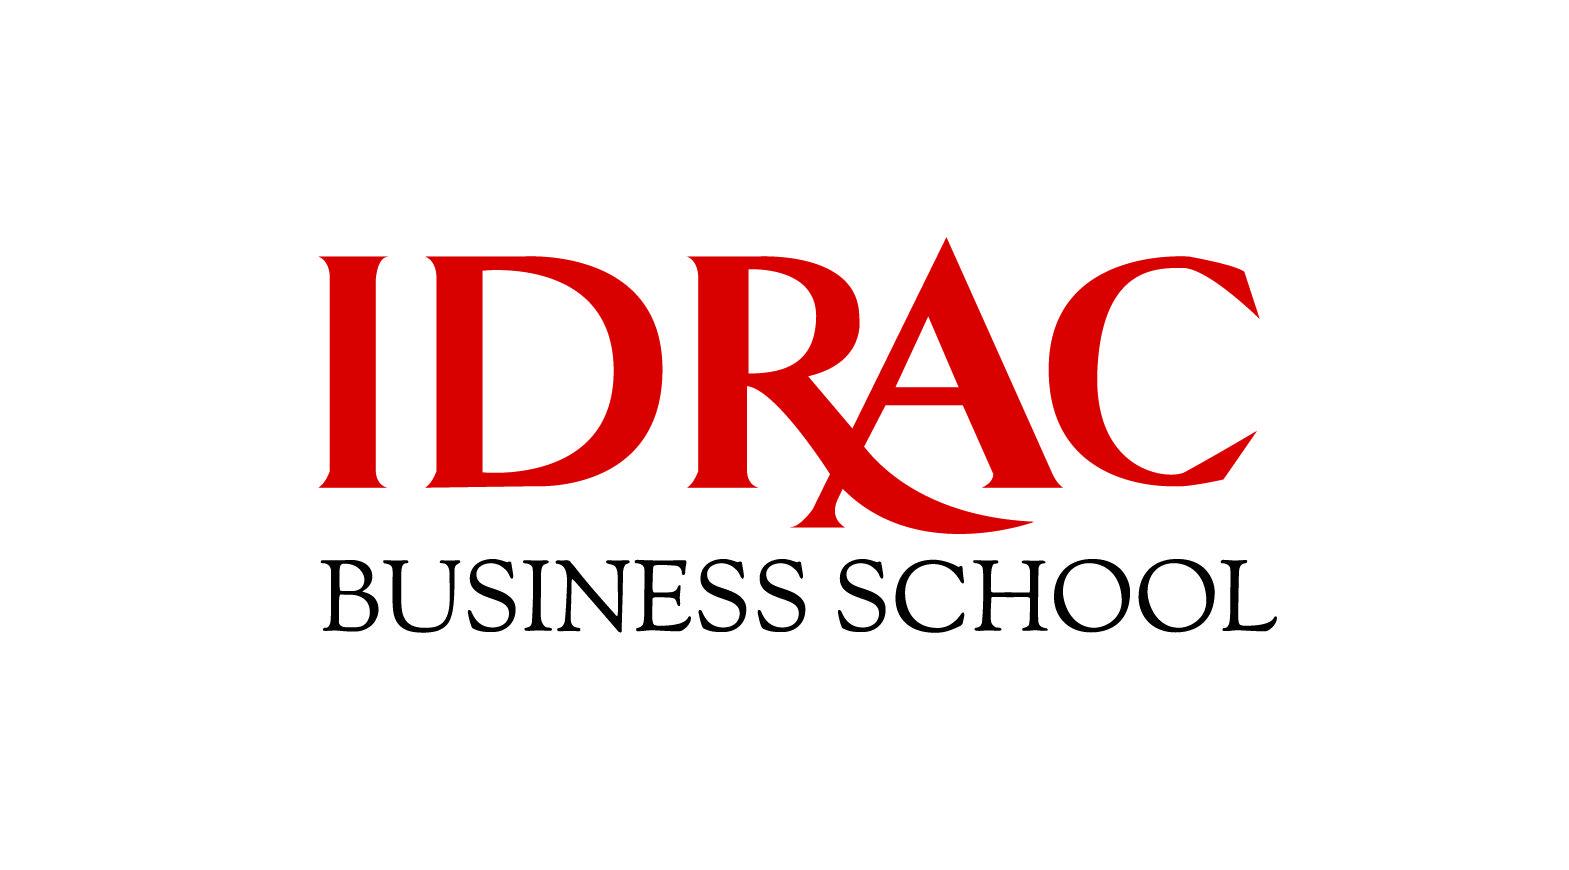 Pour ceux qui souhaitent développer davantage leurs compétences après l'obtention du bachelor, les écoles fondatrices de WIS proposent des formations Bac+5. Découvrez le module e-commerce de l'IDRAC sur le blog de WIS ! #WISNEWS http://www.wis-ecoles.com/News-Toutes-les-news/Bac-5-IDRAC-management-du-e-commerce-strategies-multicanal